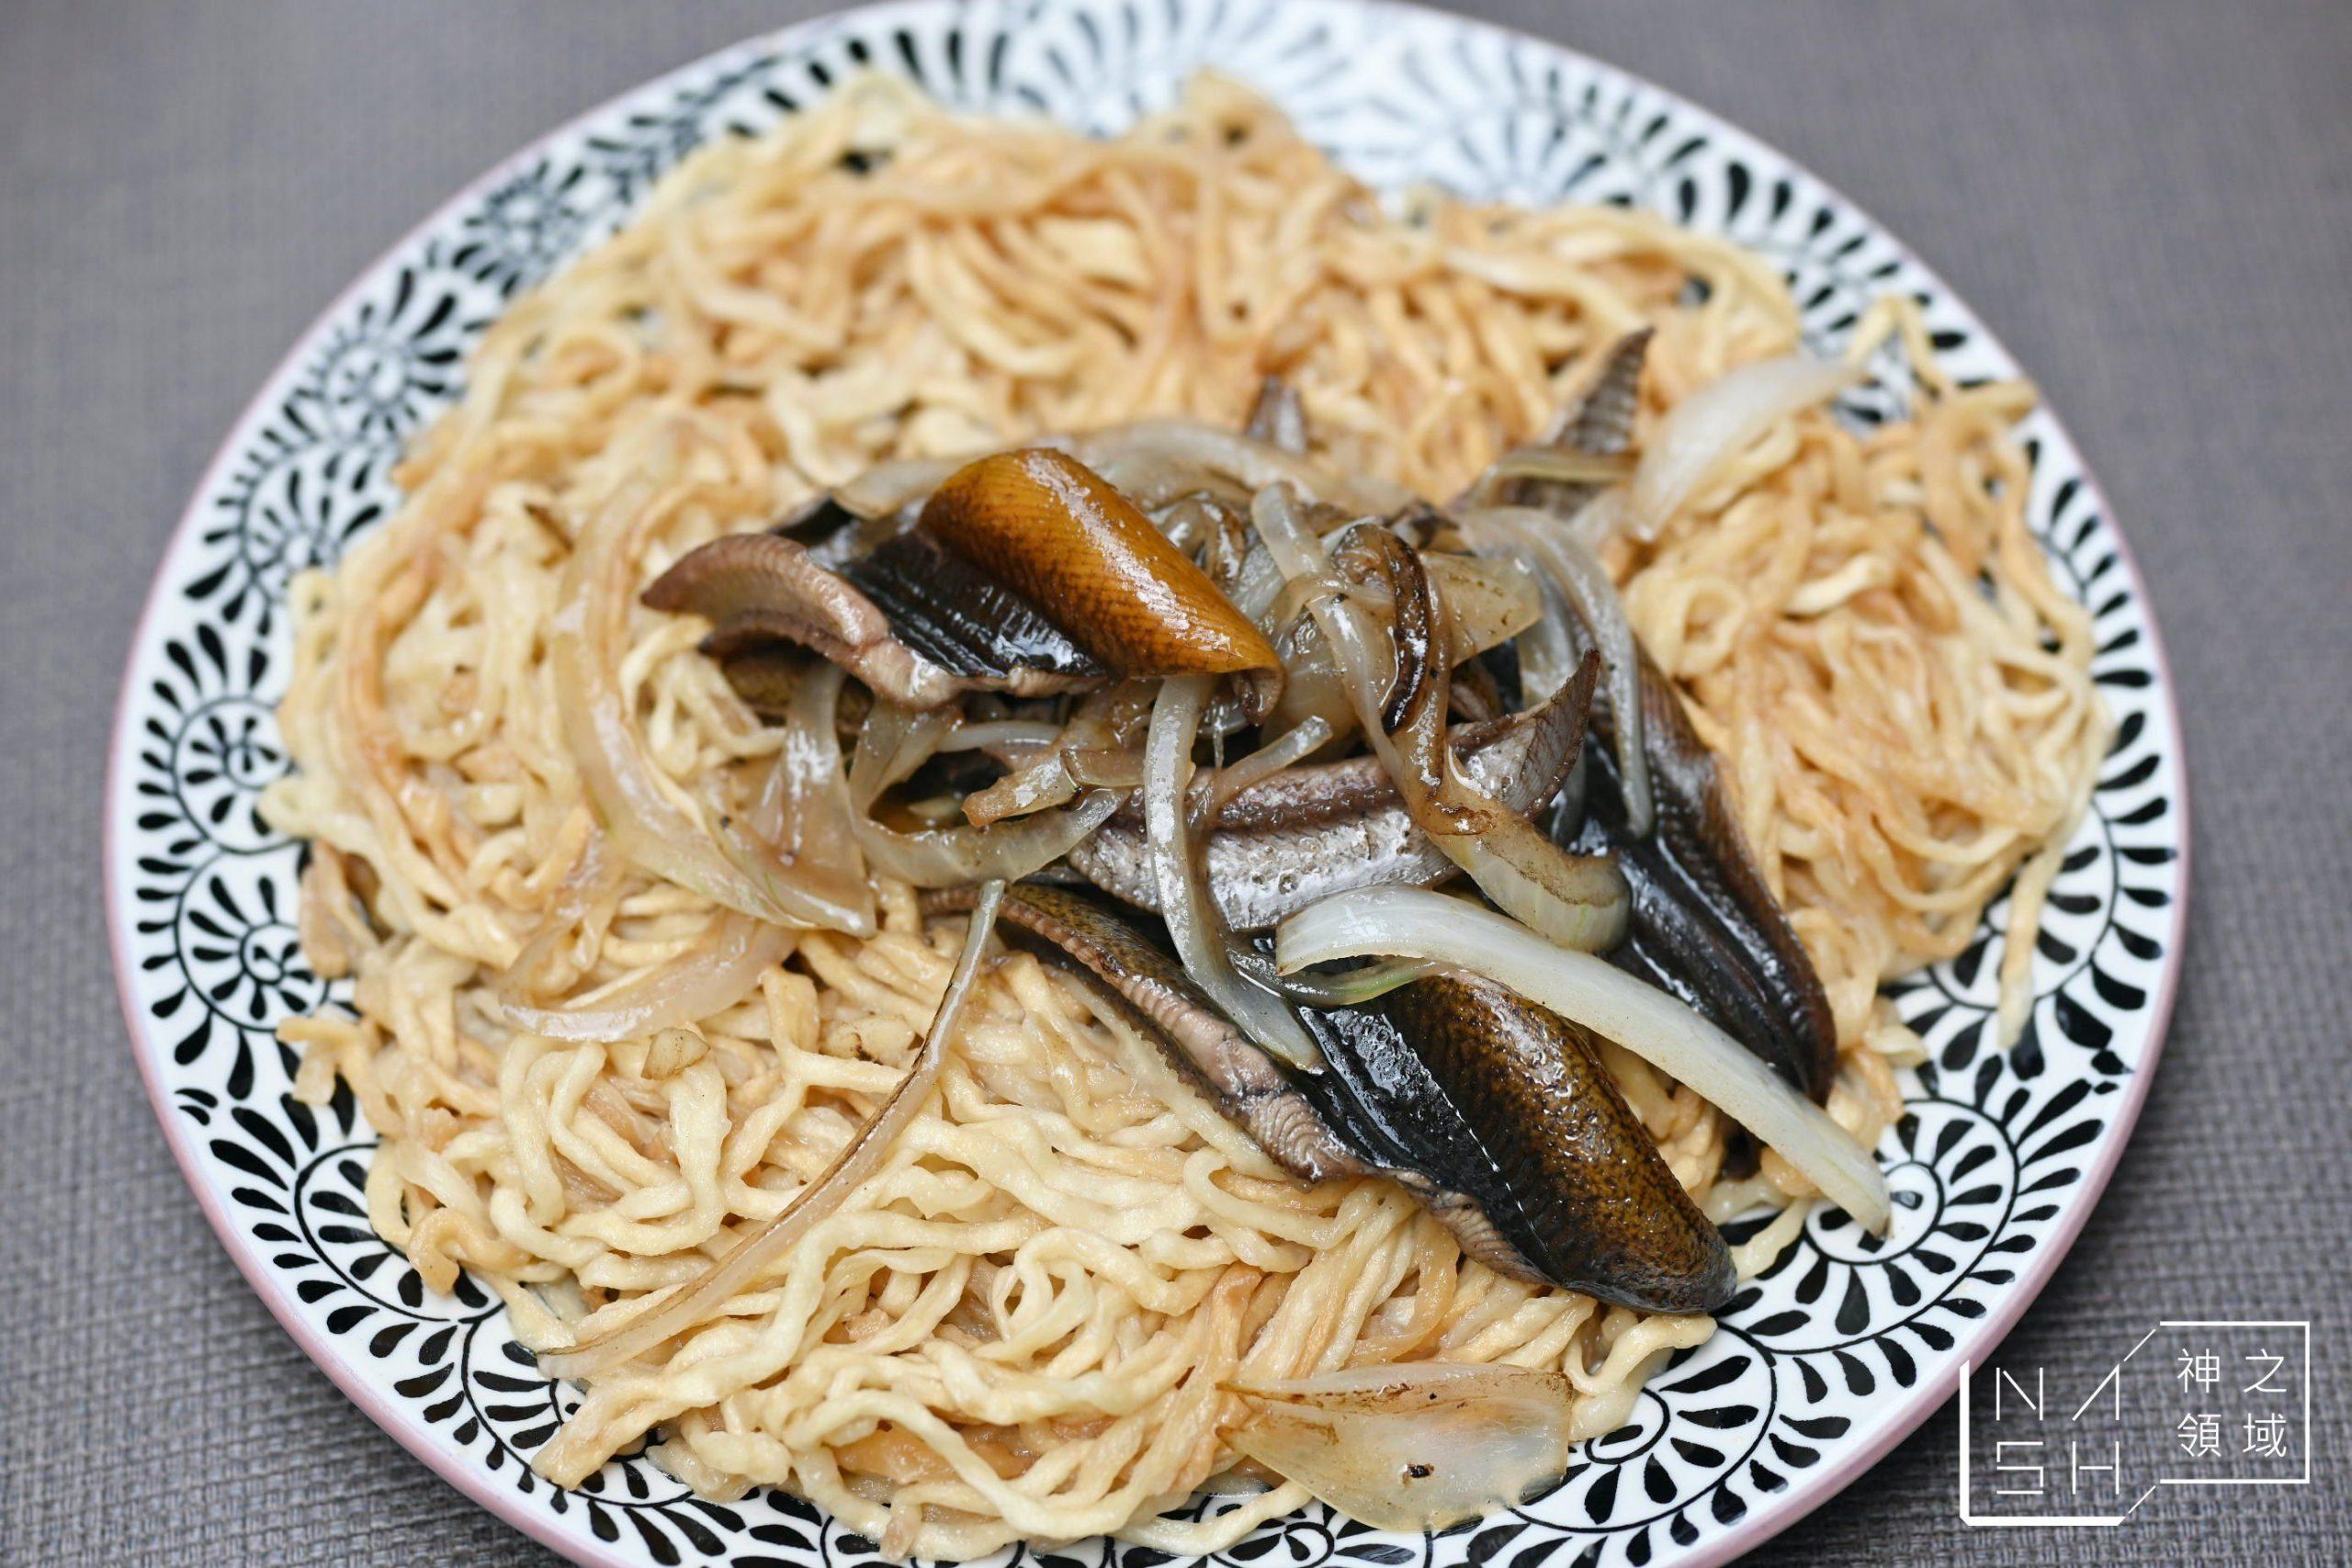 阿明炒鱔魚,阿明鱔魚麵,鱔魚麵